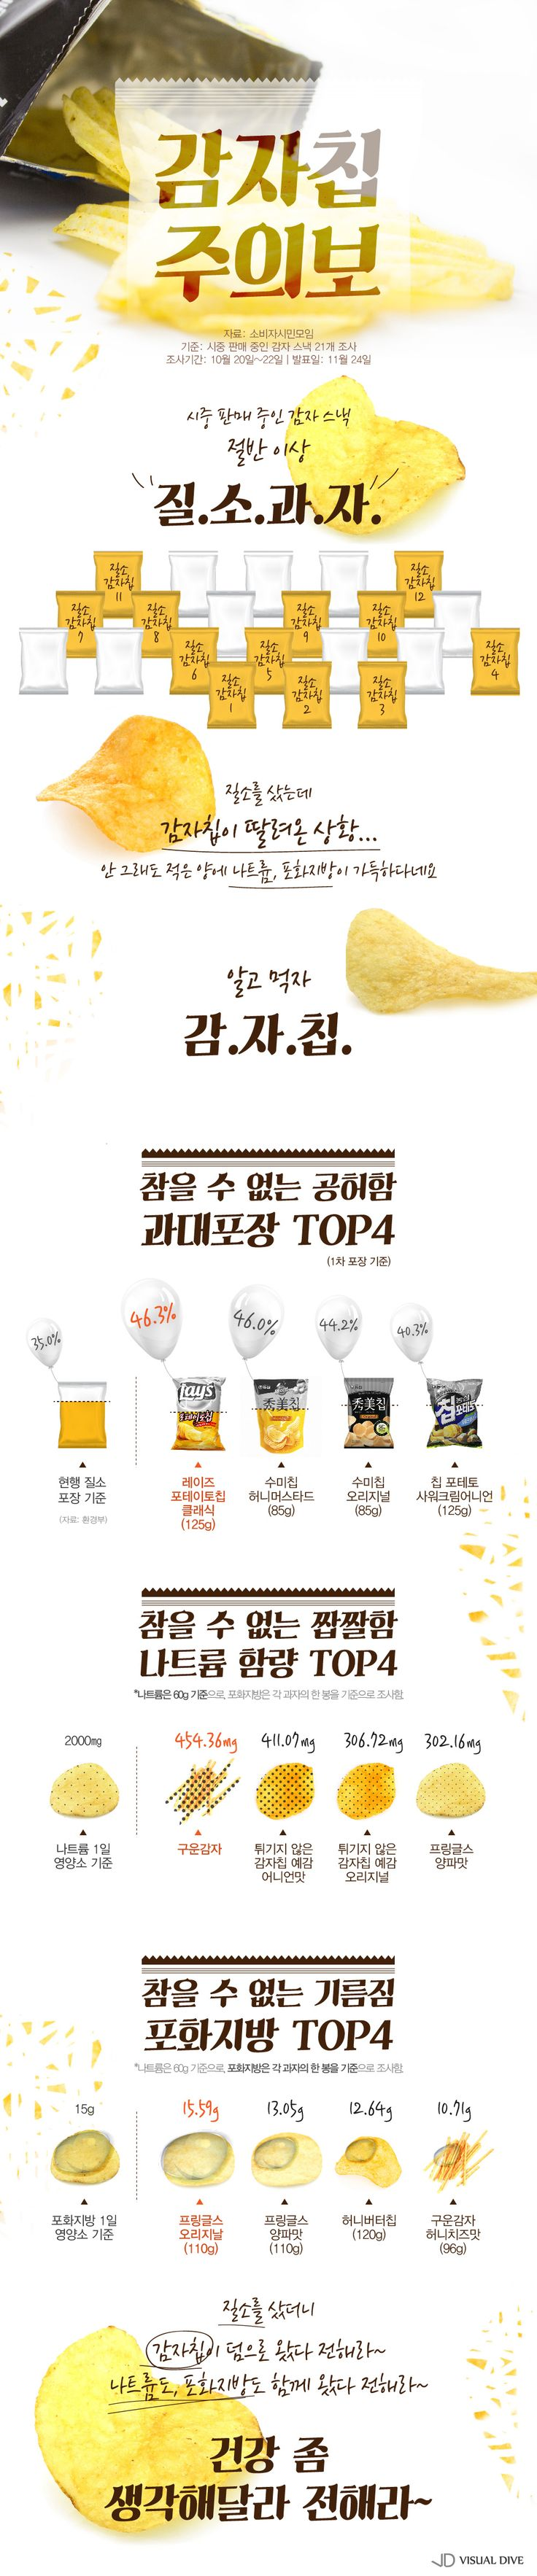 과대포장 여전한 감자칩…포화지방도 가득 [인포그래픽] #Snack / #Infographic ⓒ 비주얼다이브 무단 복사·전재·재배포 금지